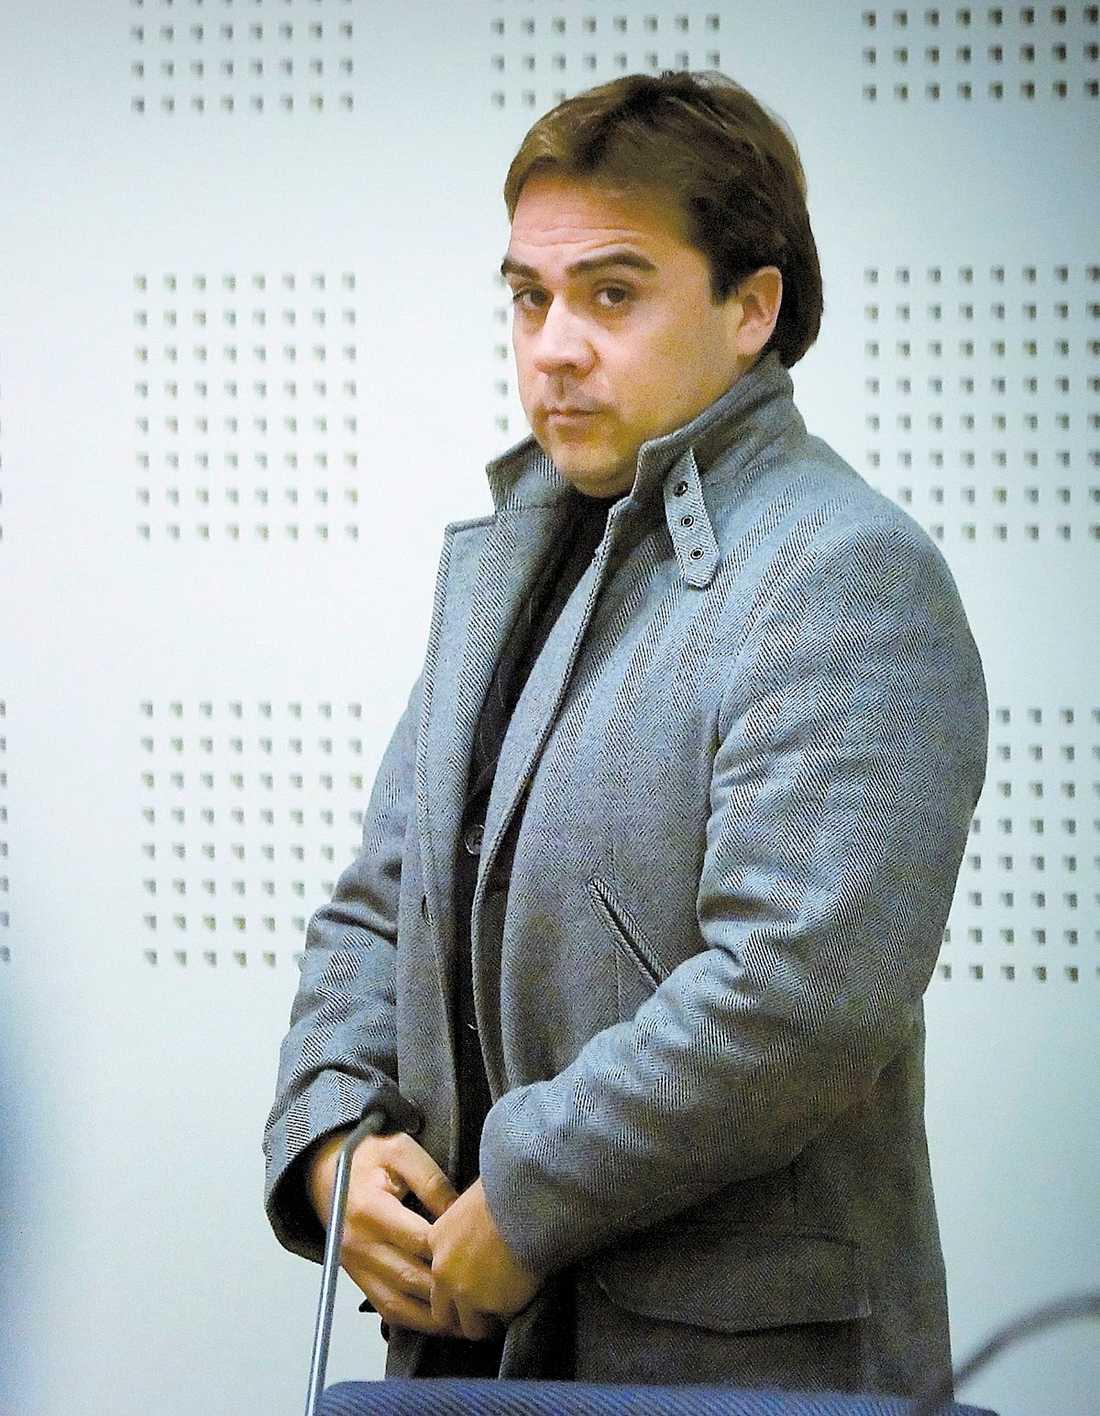 MISSTÄNKT VÅLDTÄKT Världsartisten Tito Beltran sitter häktad misstänkt för våldtäkt sedan en månad tillbaka.